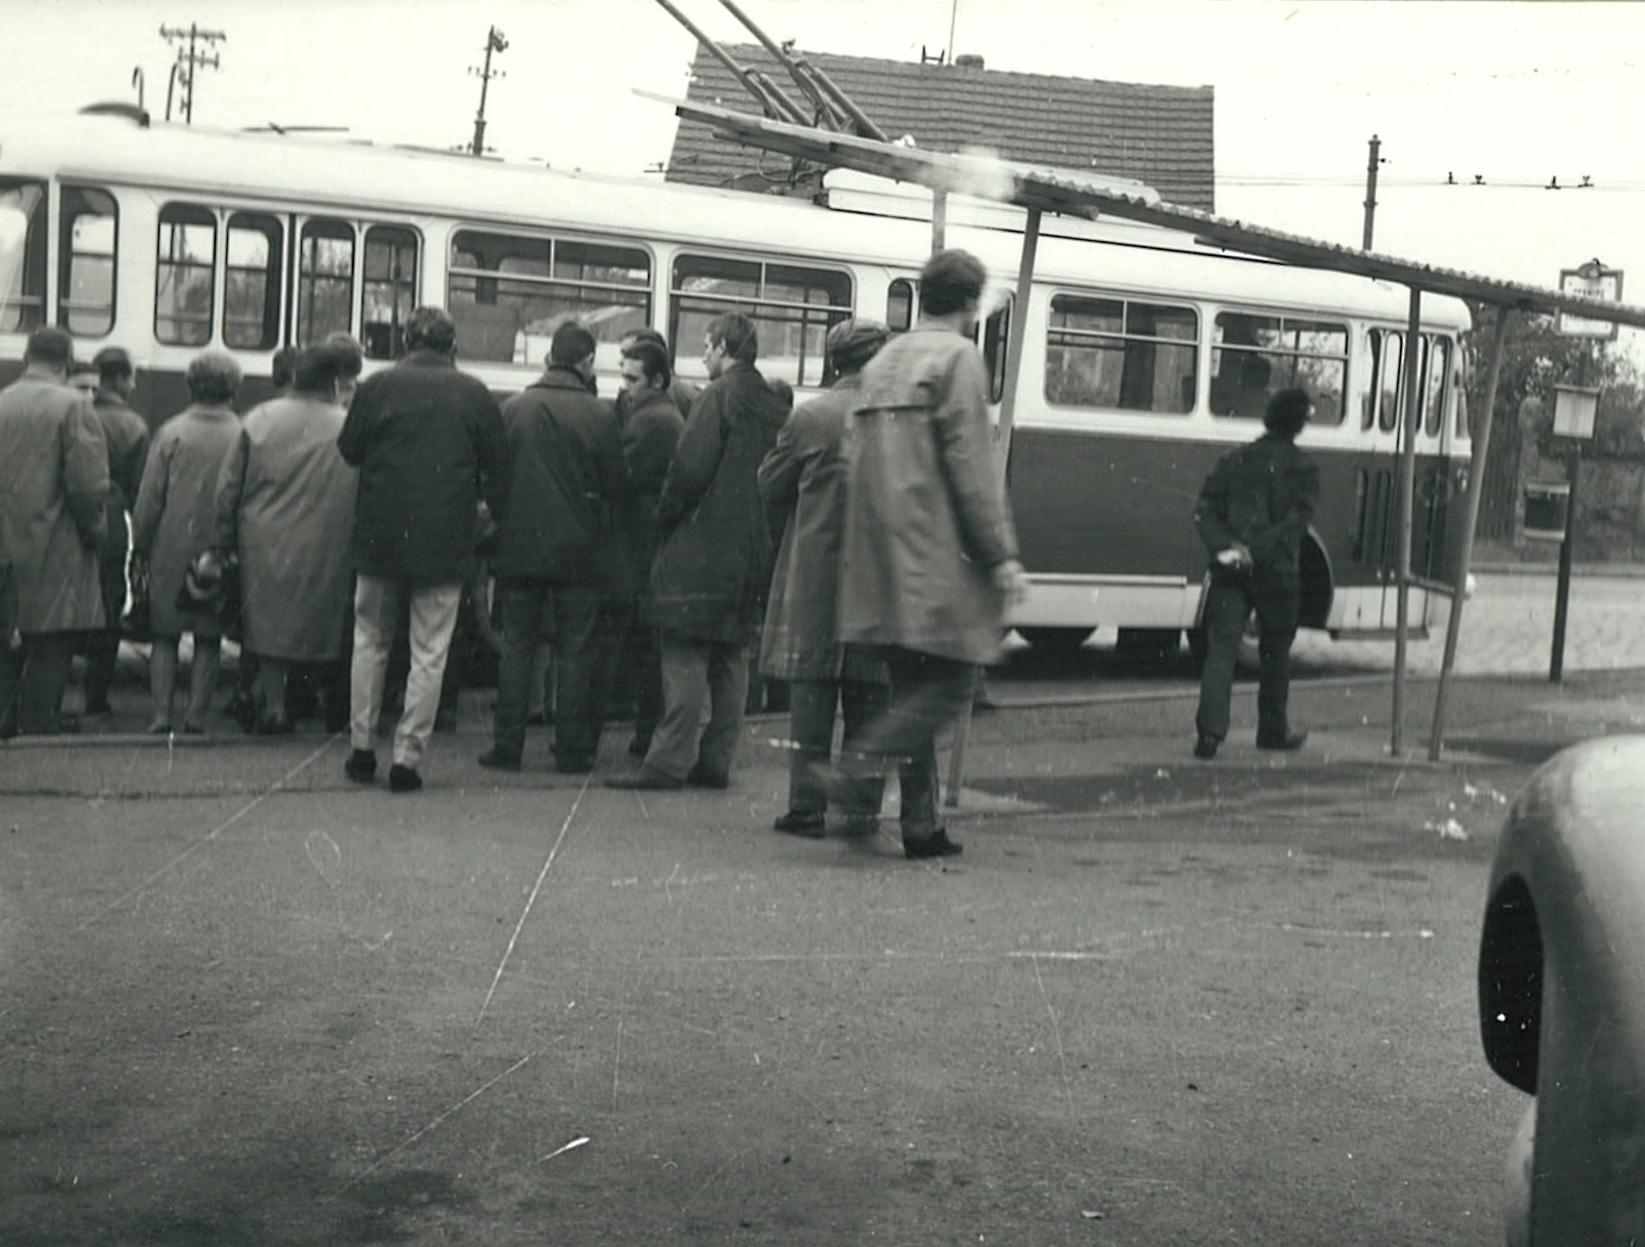 Cestující čekají na nástup do trolejbusu Škoda 9 Tr během testování v Praze na podzim 1968. (foto: Škoda Ostrov)